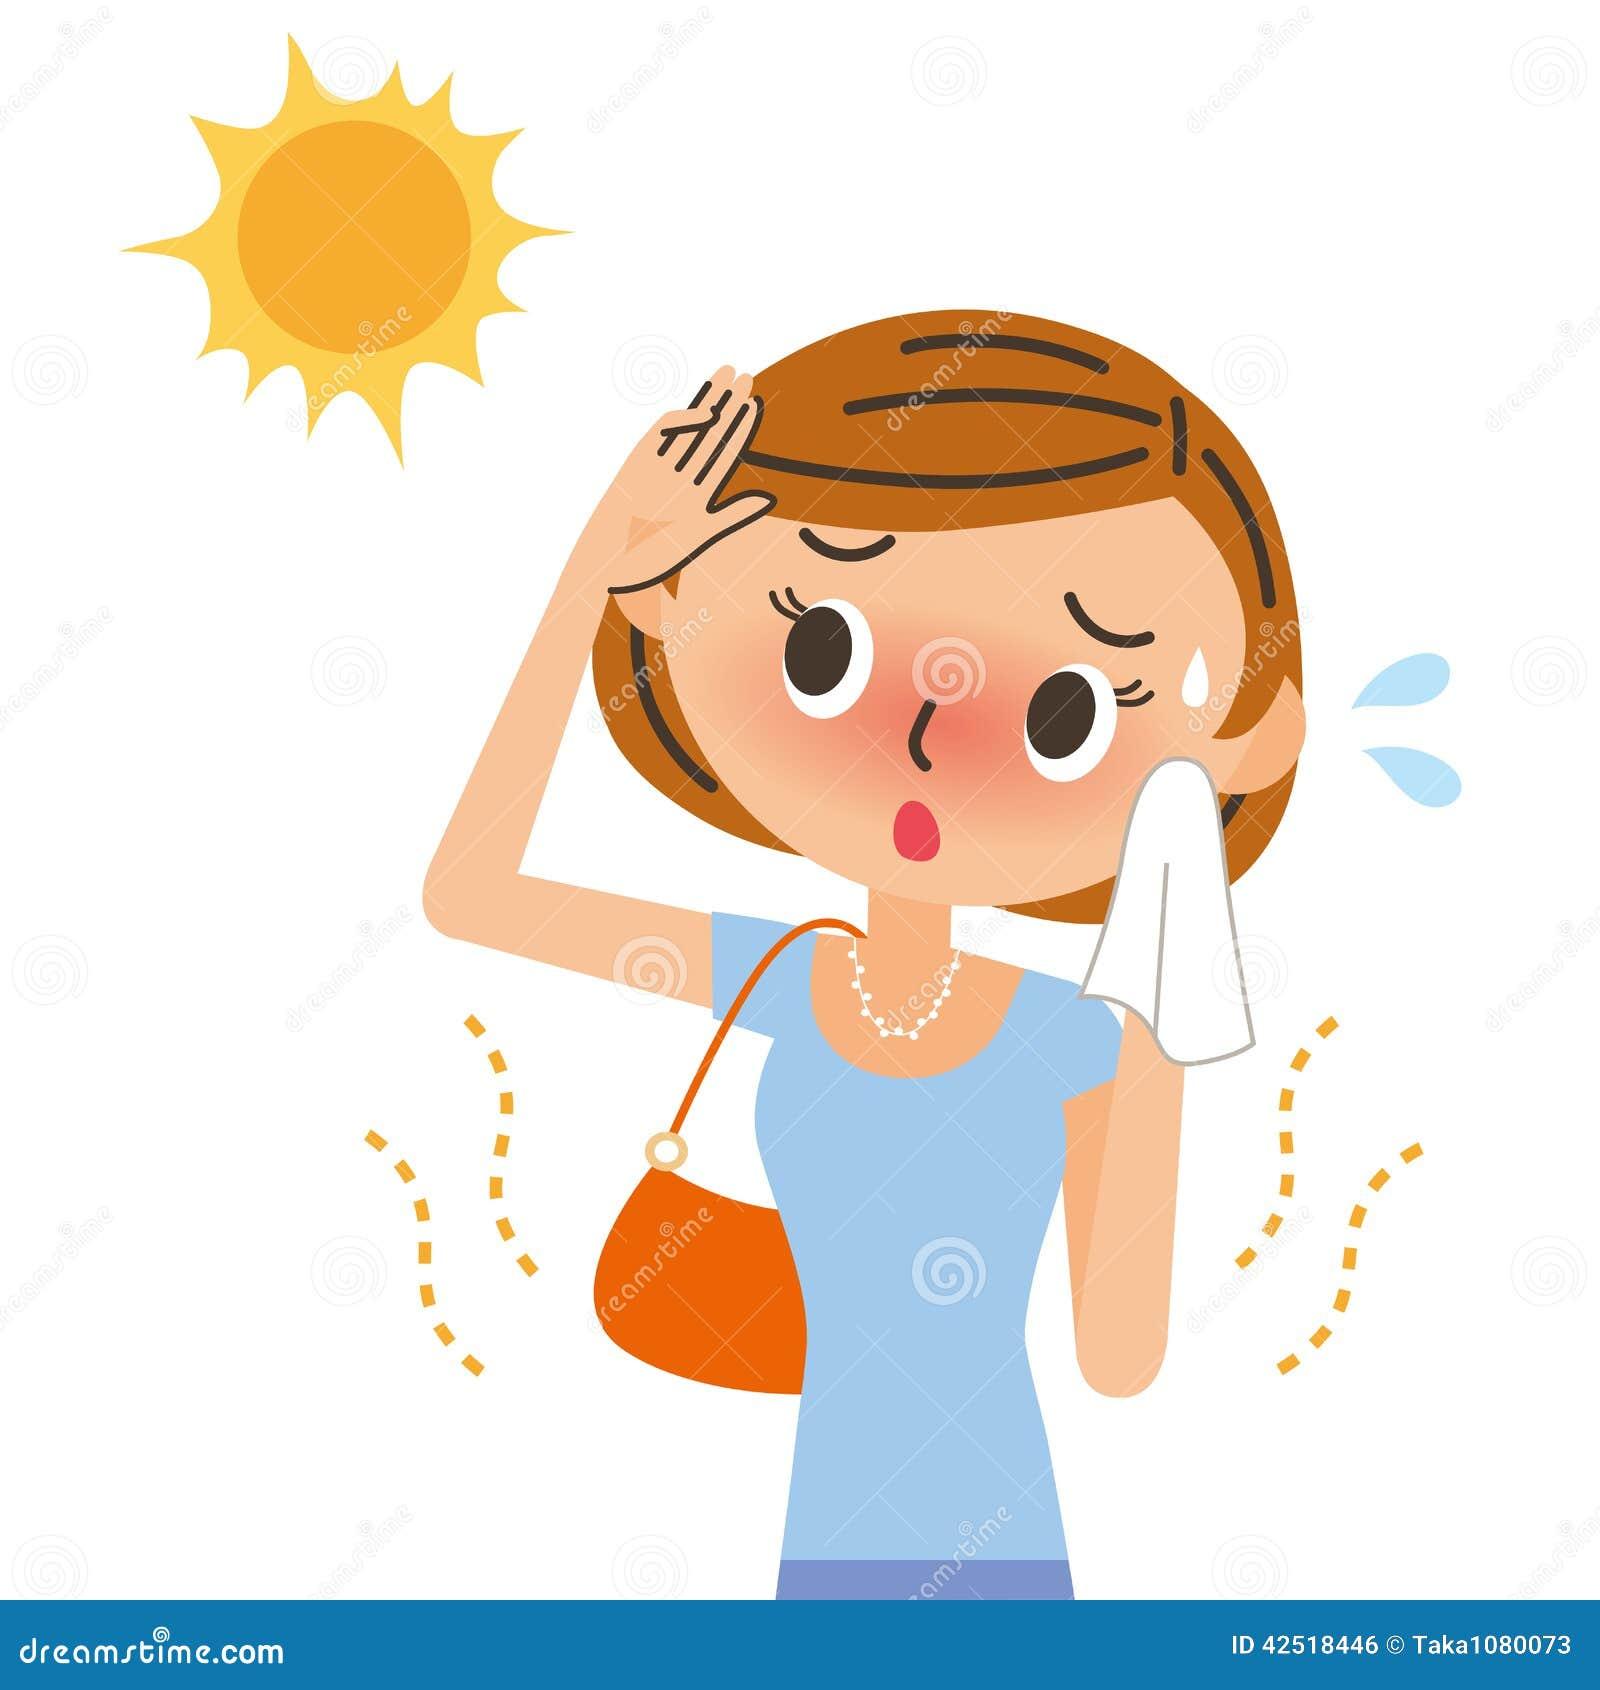 Illustration uv de coup de soleil pour des femmes illustration de vecteur illustration du - Bepanthen pour coup de soleil ...